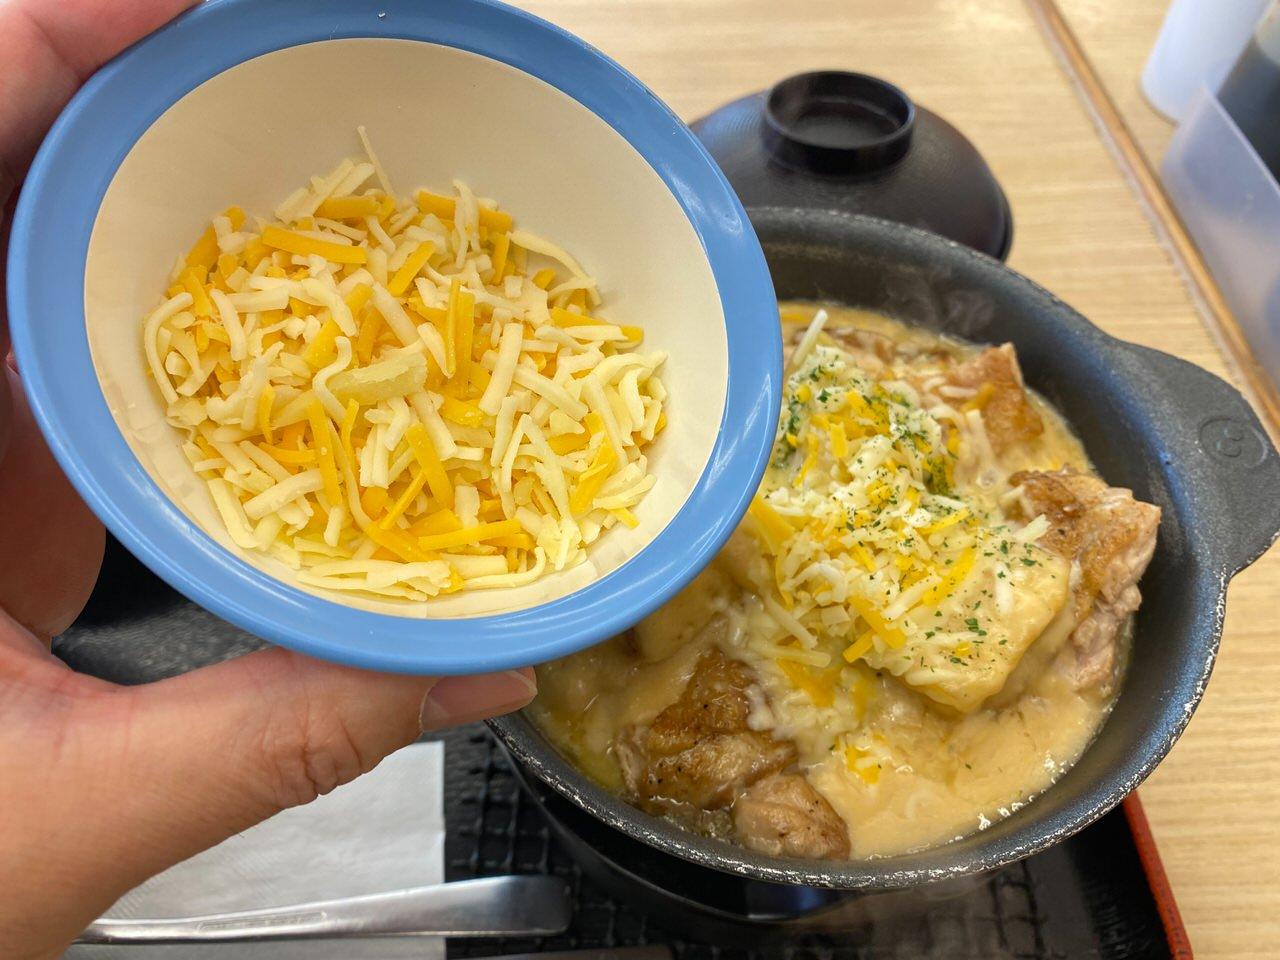 【松屋】復活した「シュクメルリ鍋」ニンニクチーズにさらに追いチーズ!最後の一口まで美味すぎた! 06